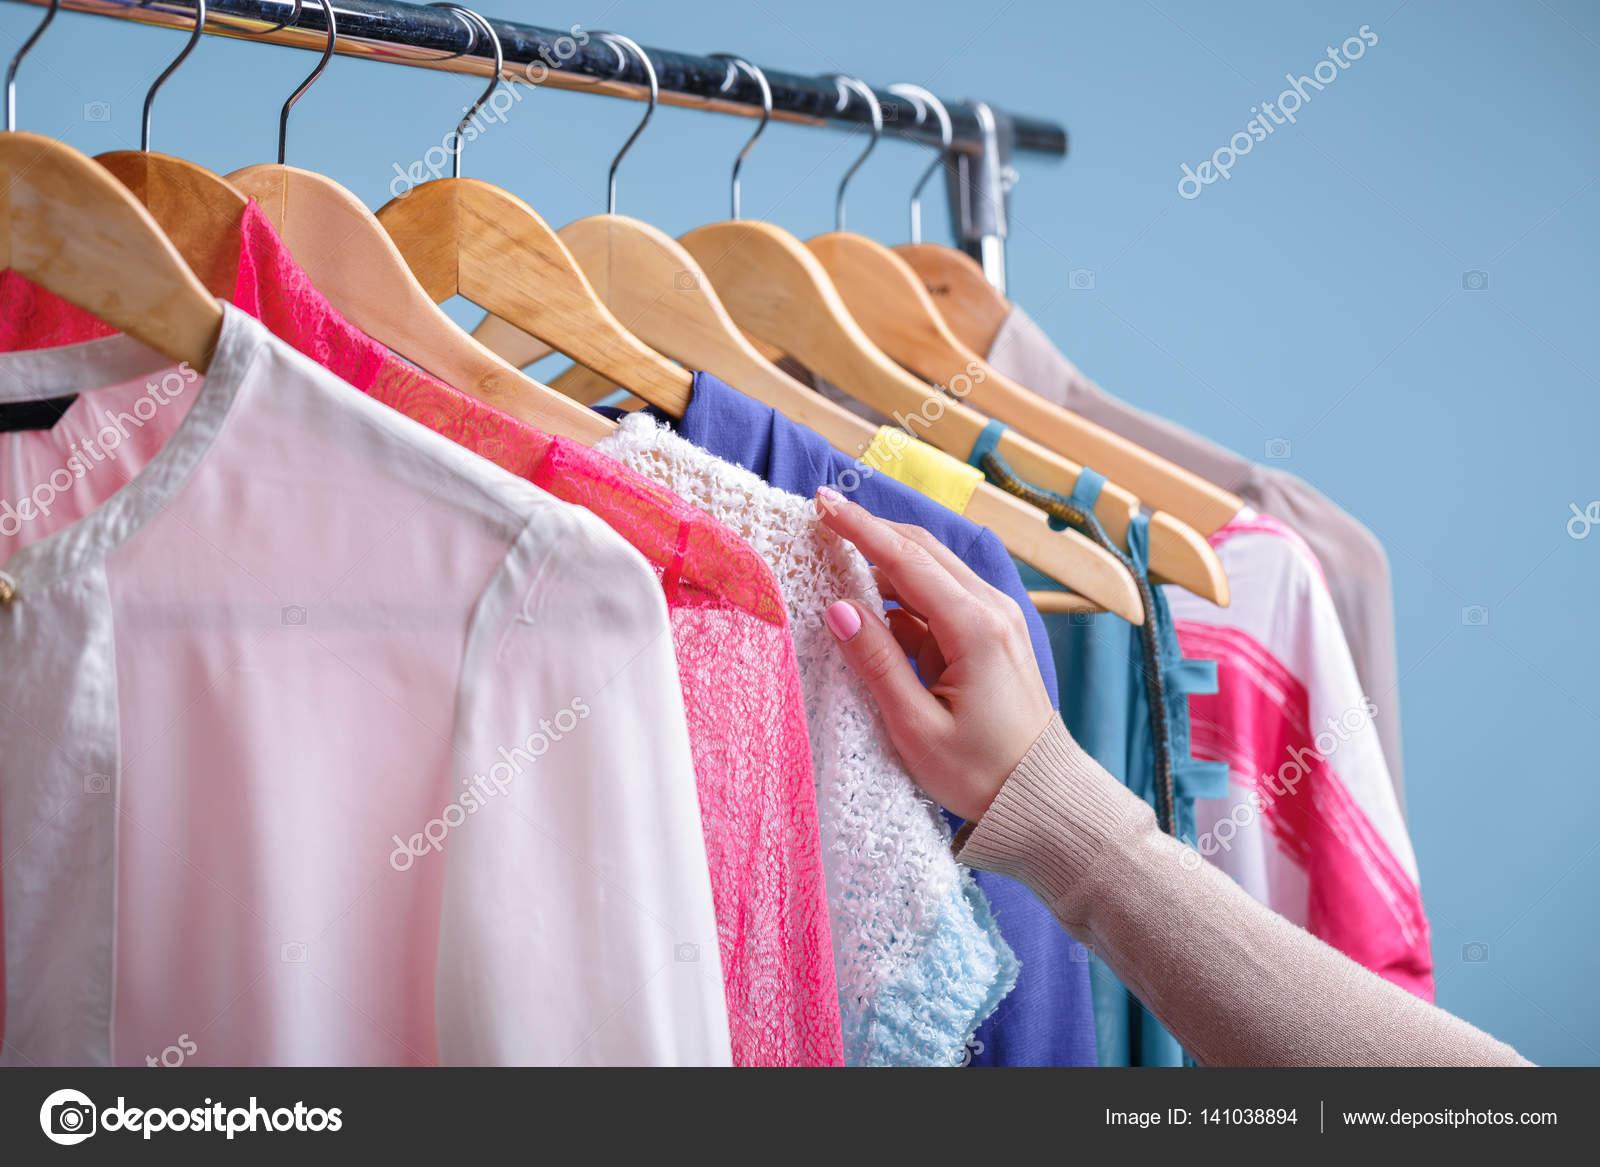 09e842df2 női kézzel választja ki a színes ruhát fa akasztók a rack — Stock ...